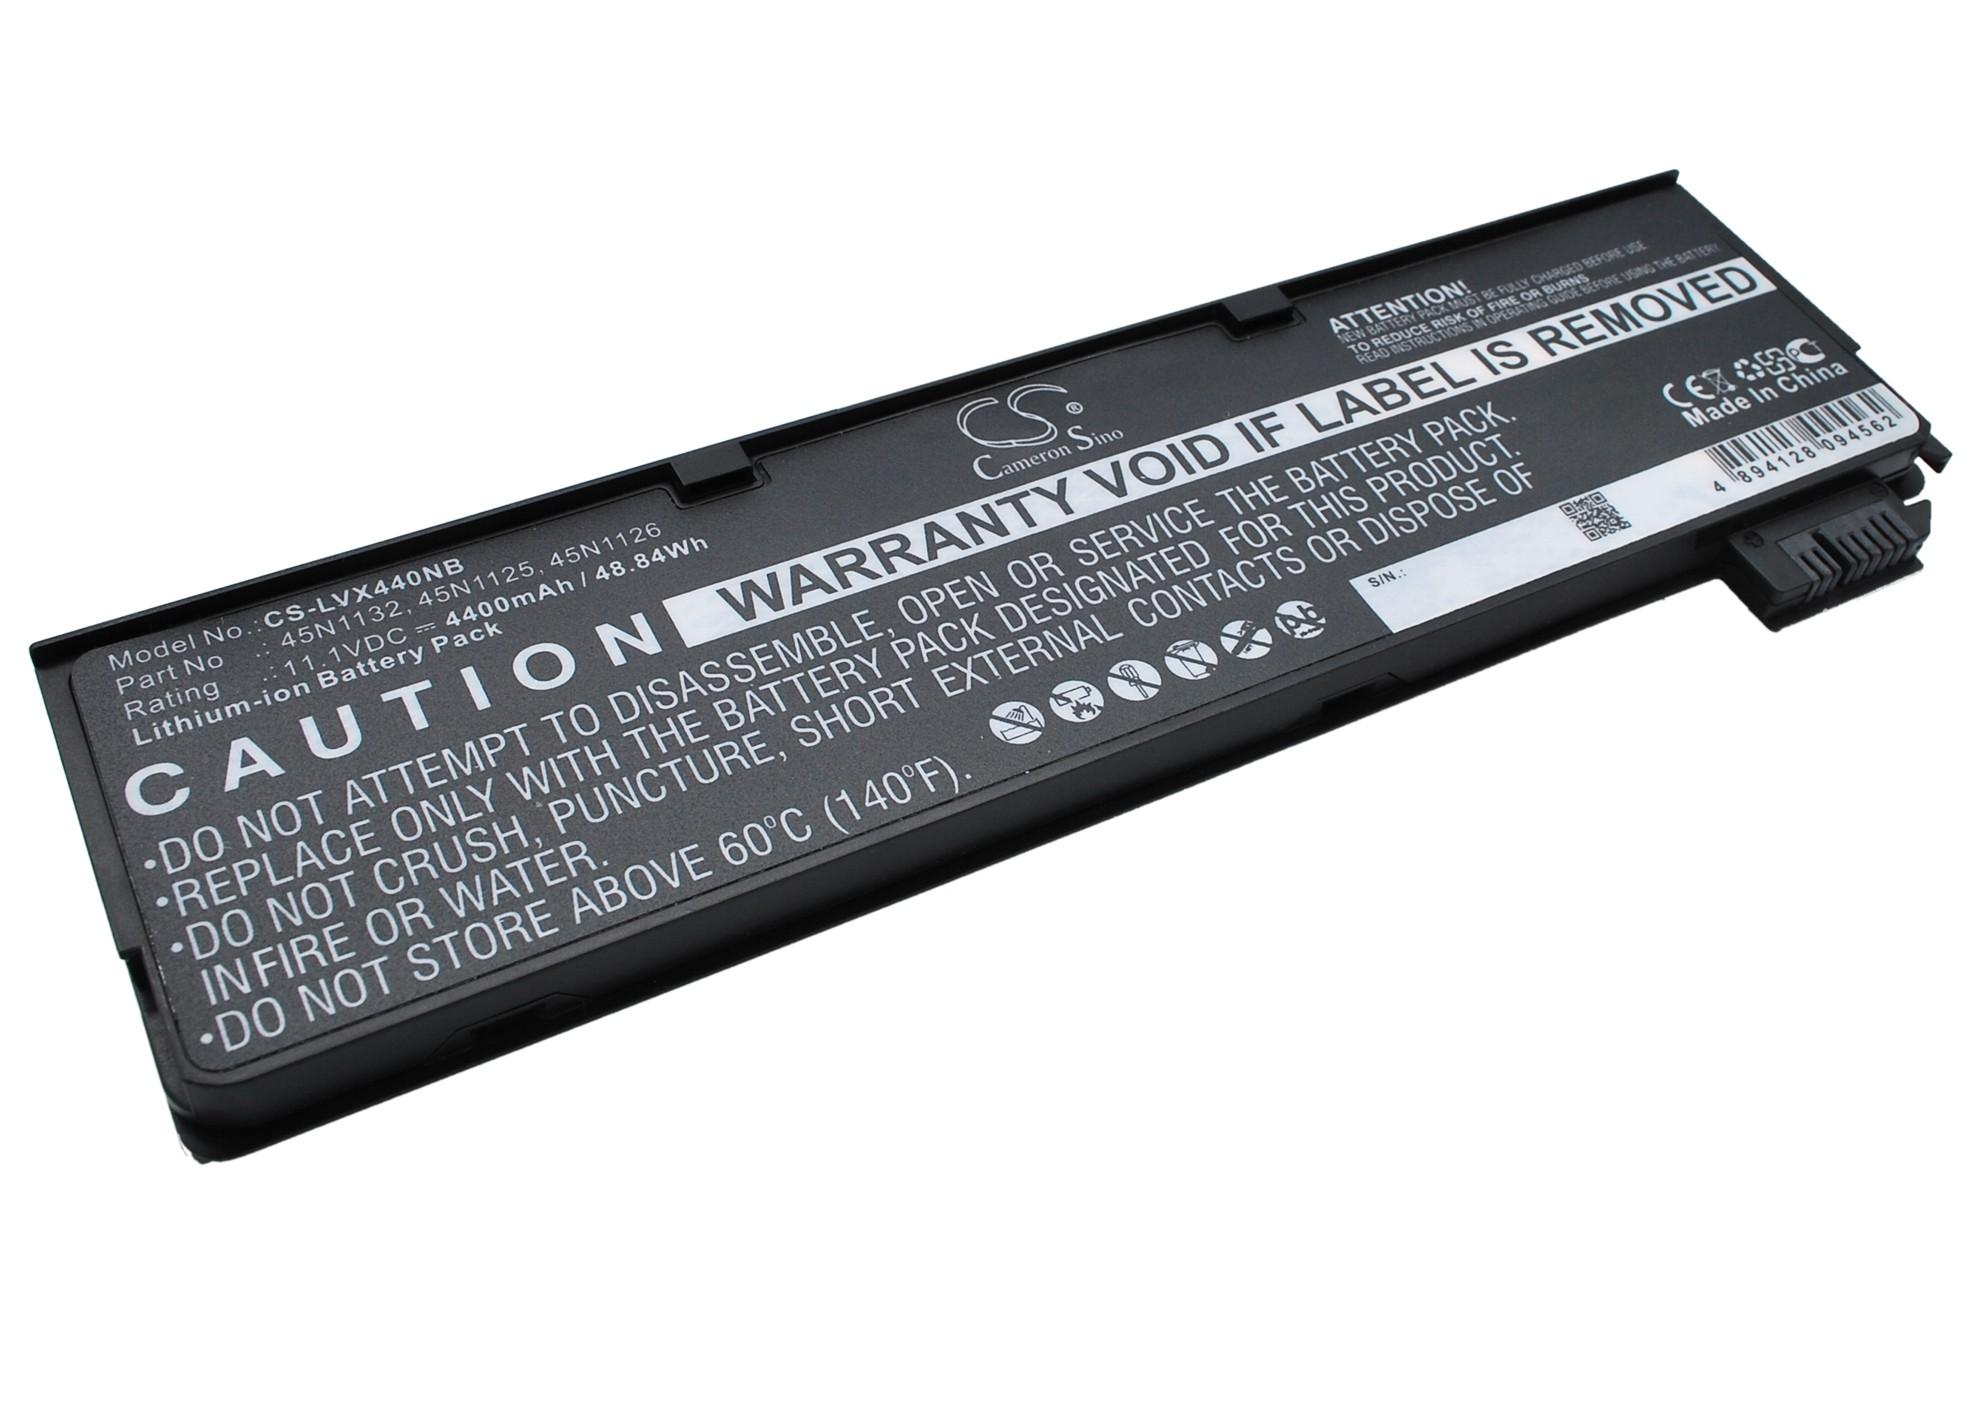 Cameron Sino baterie do notebooků pro LENOVO ThinkPad S440 11.1V Li-ion 4400mAh černá - neoriginální